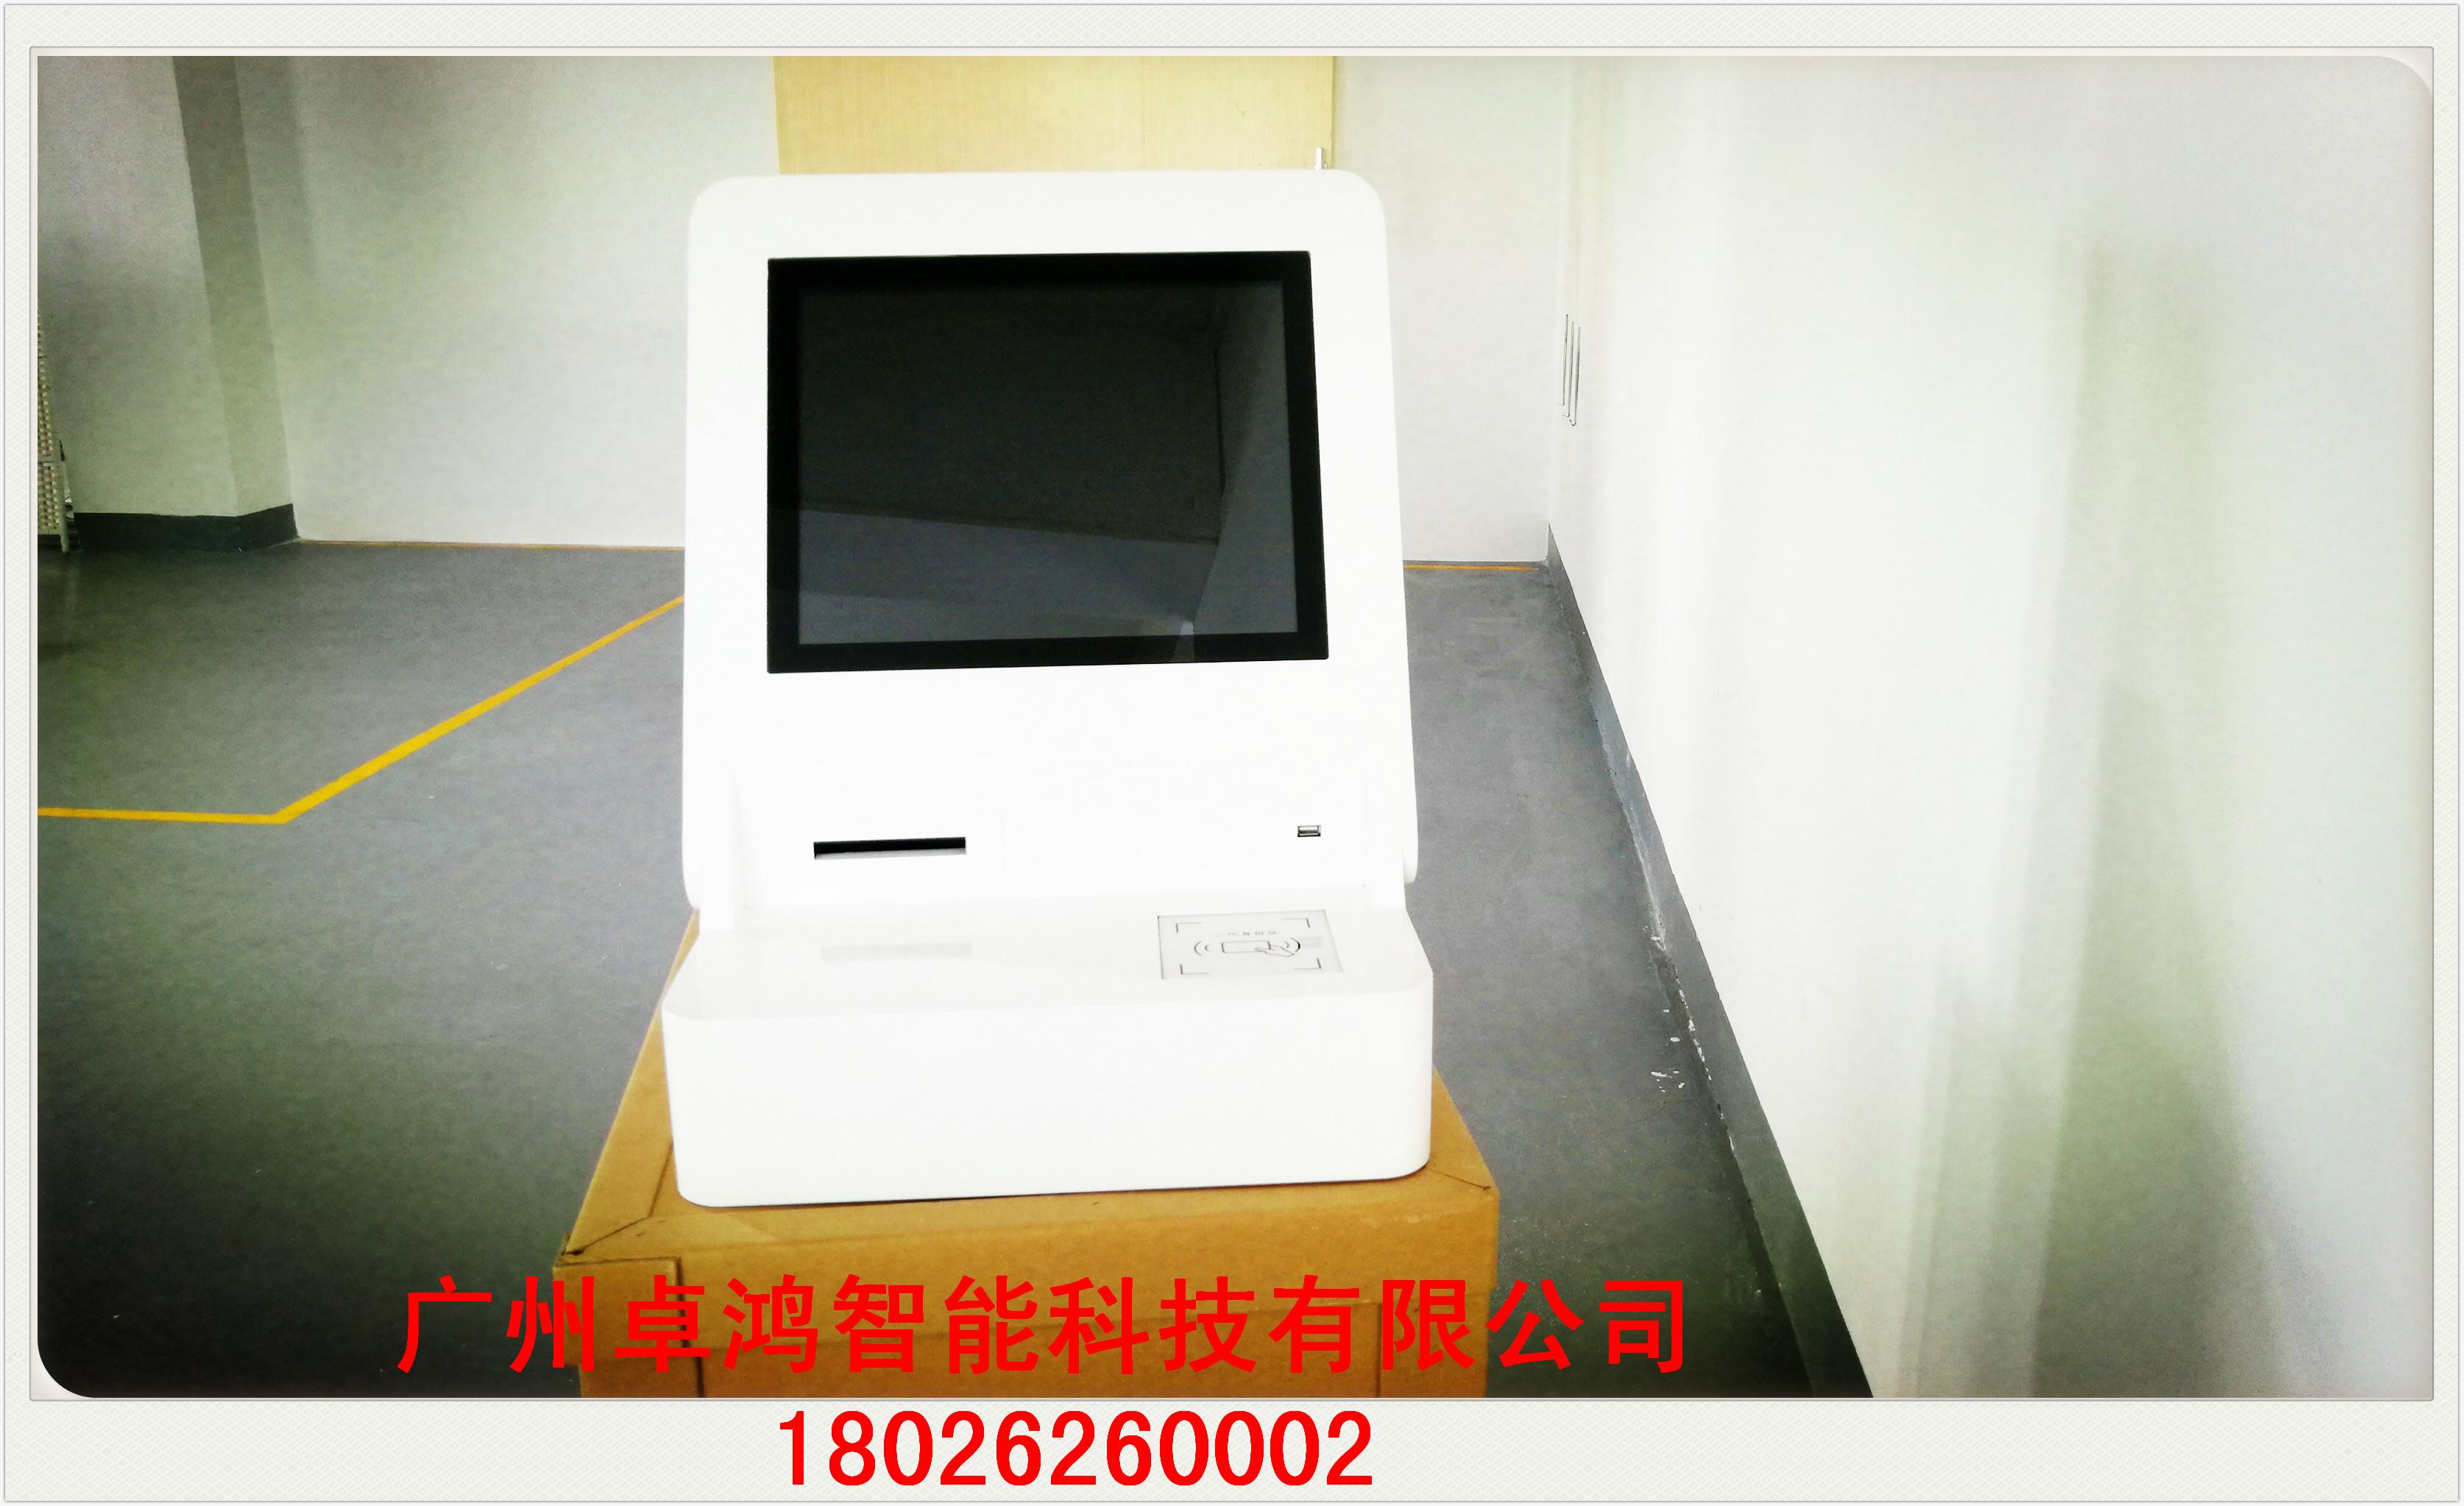 17寸北京原装排队机销售